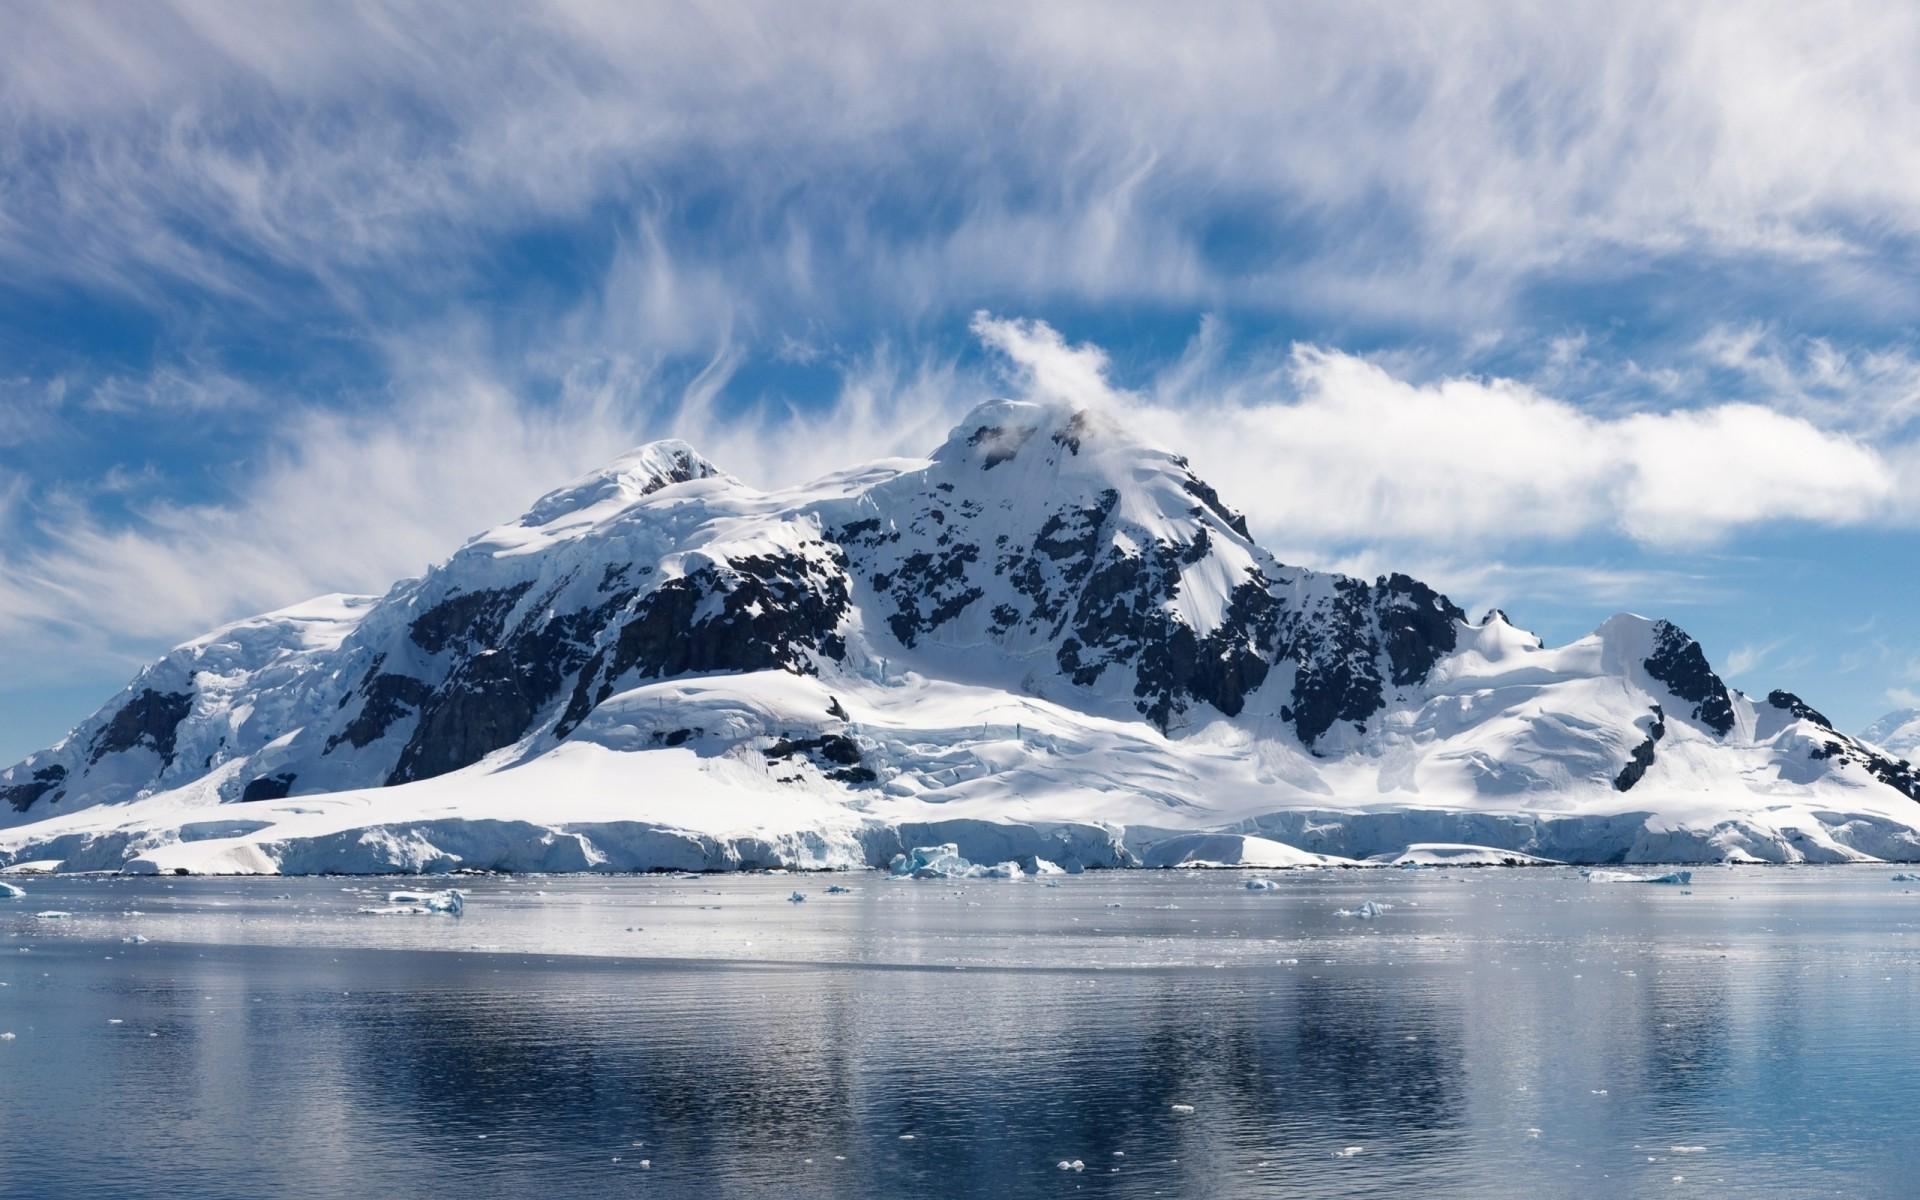 картинка снежные горы россии также может